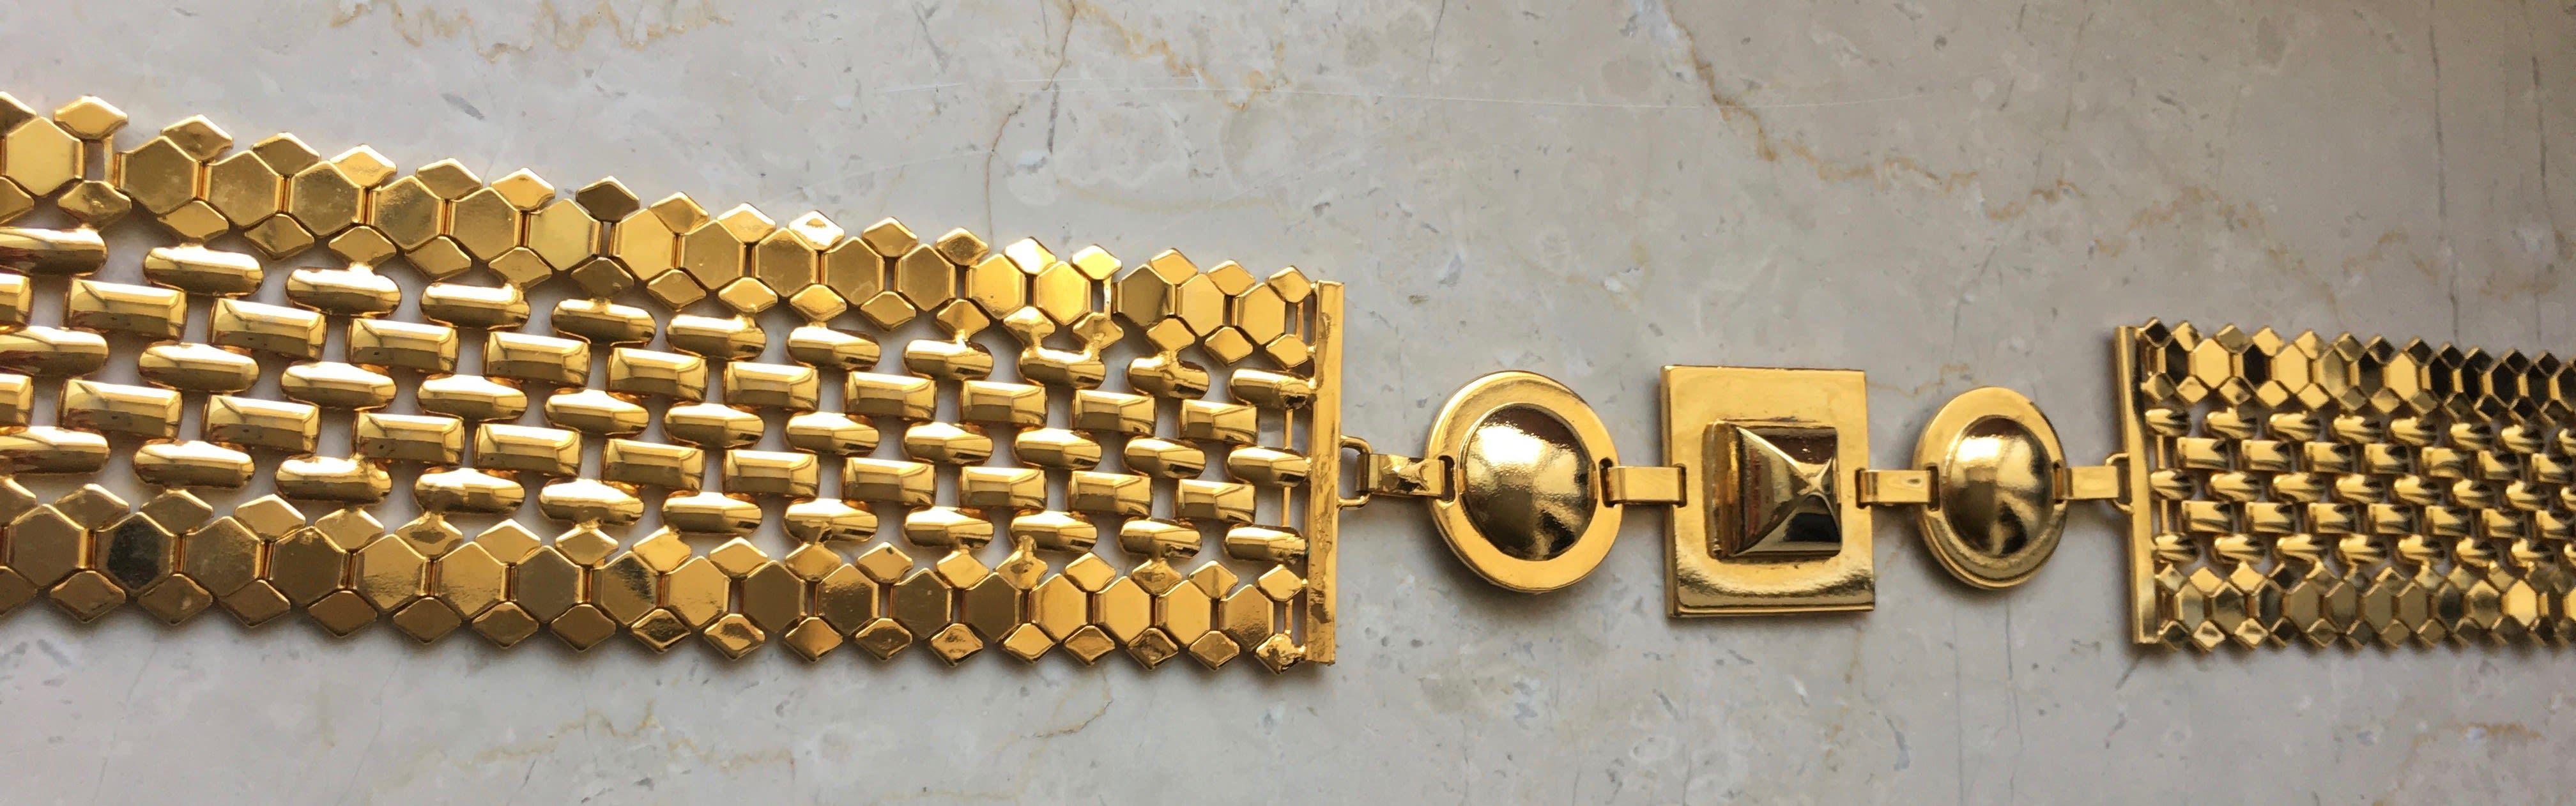 Accessoires - Ceinture dorée